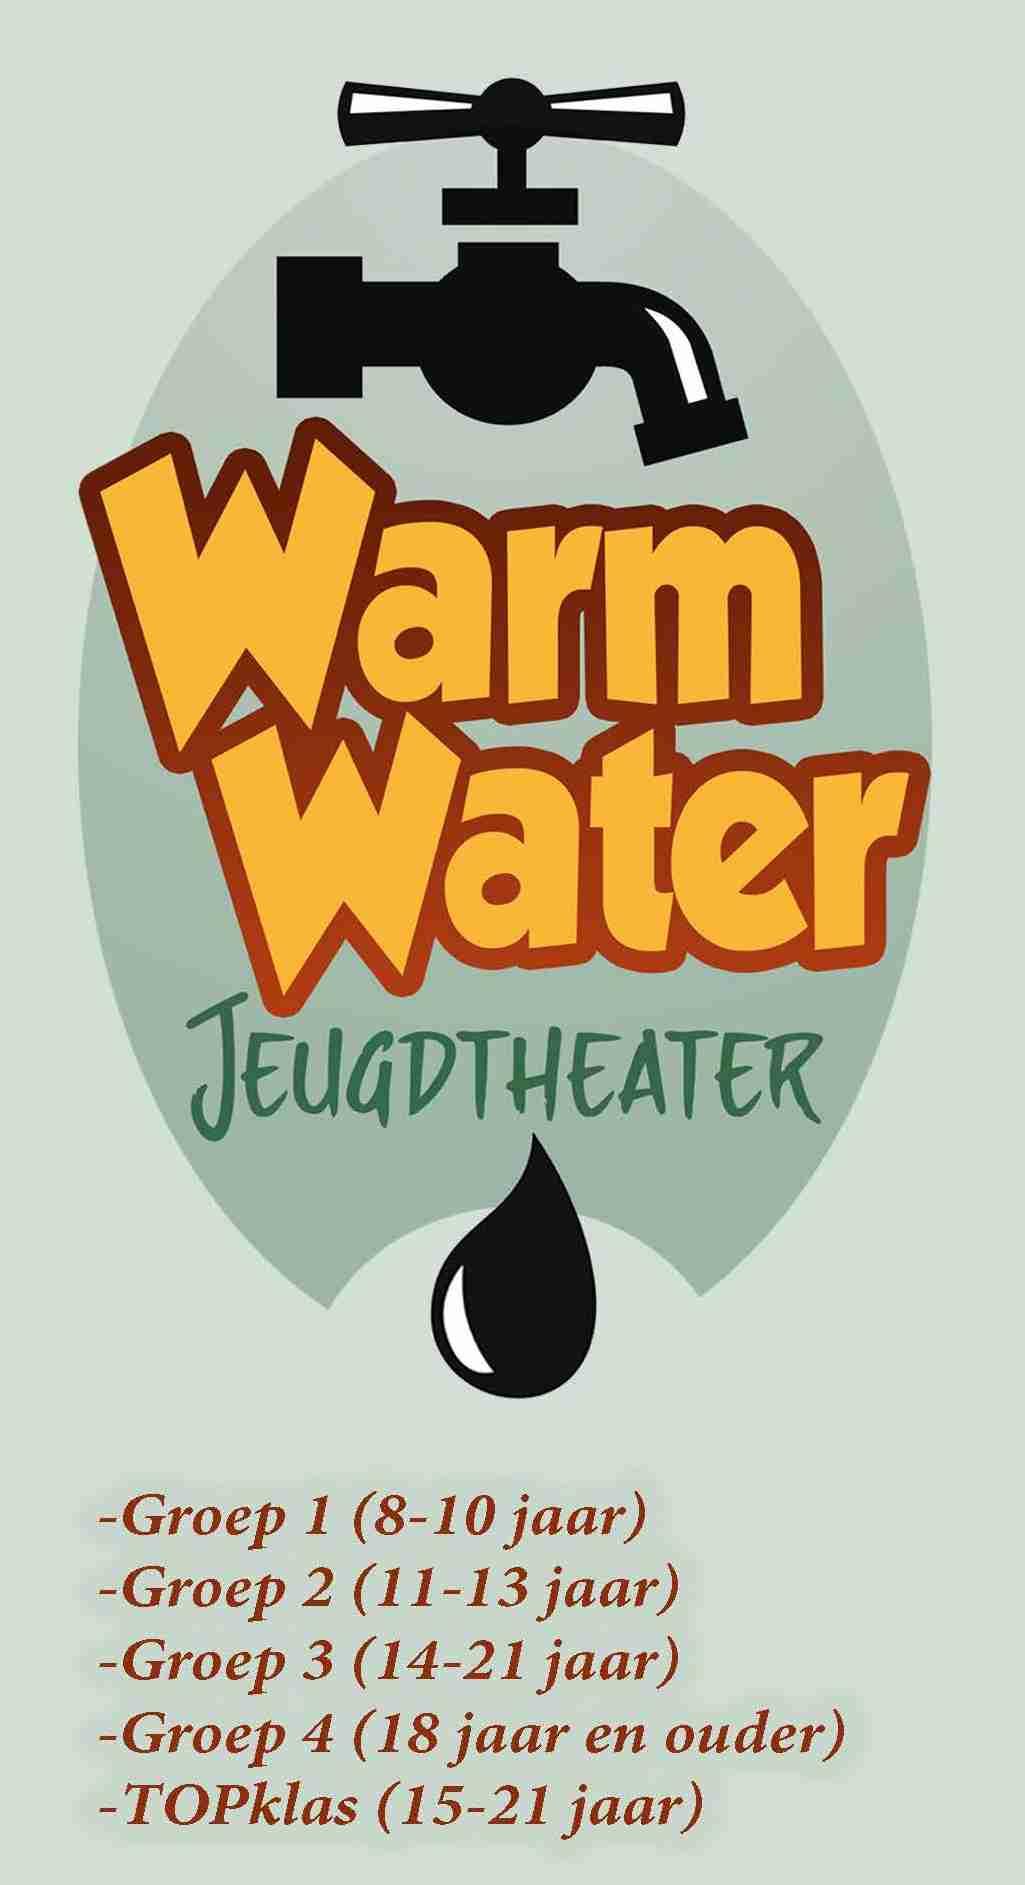 Warm Water Jeugdtheater - plezier staat voorop!